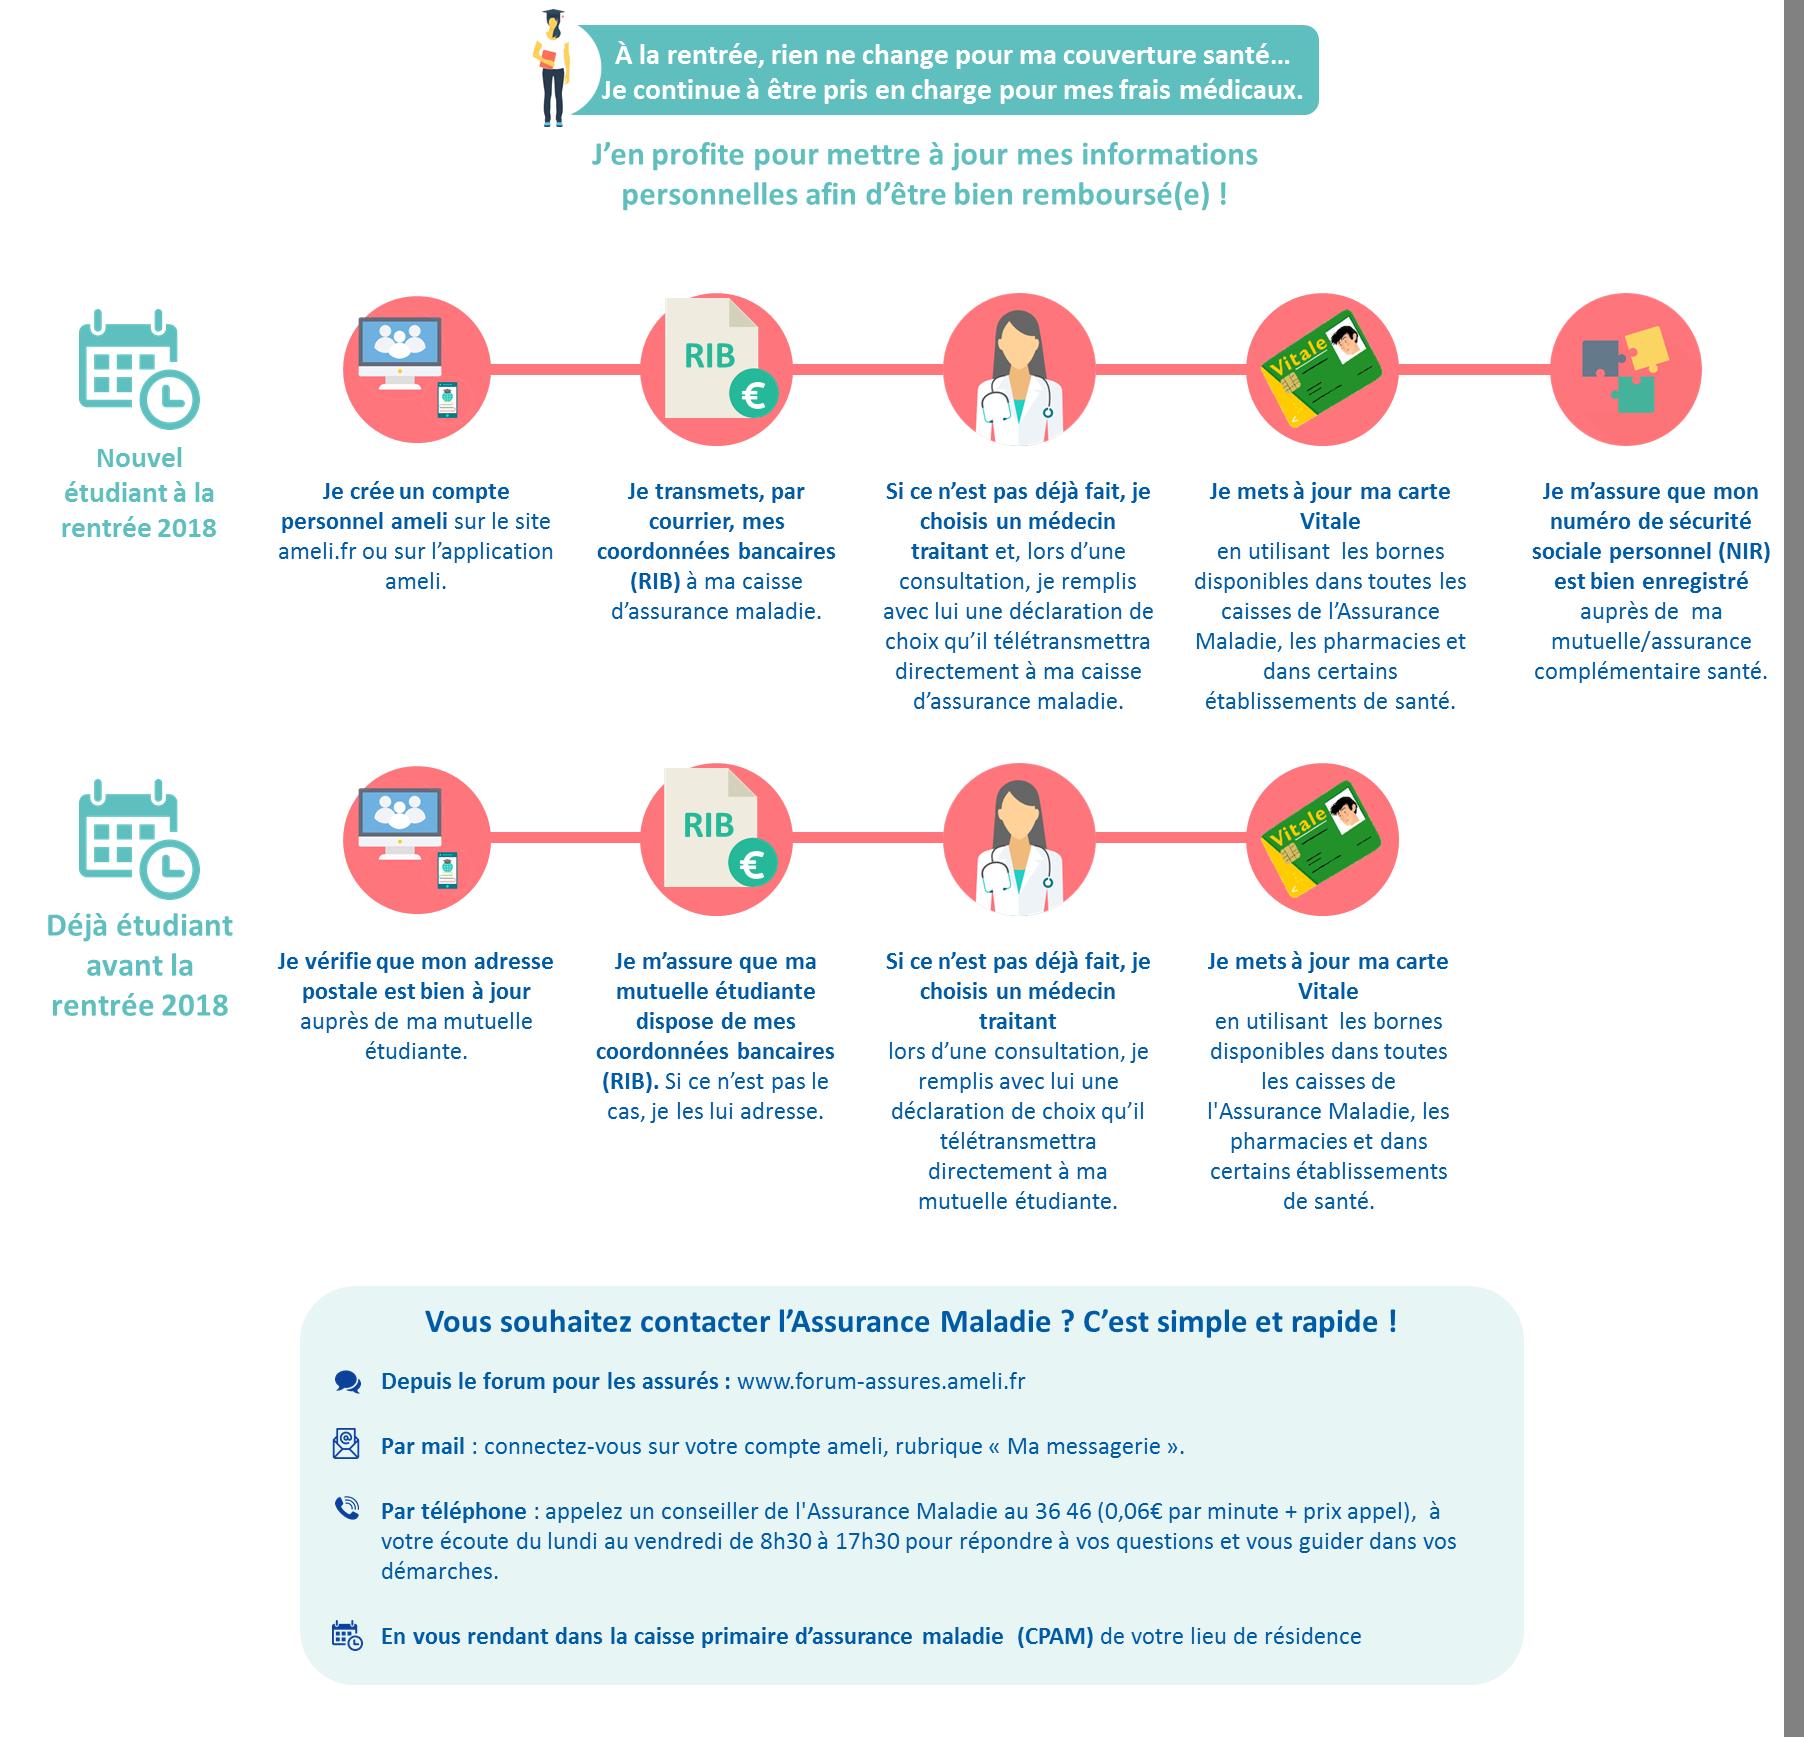 Infographie_Actu_Etudiants_Affiliation_Rentrée 2018.png